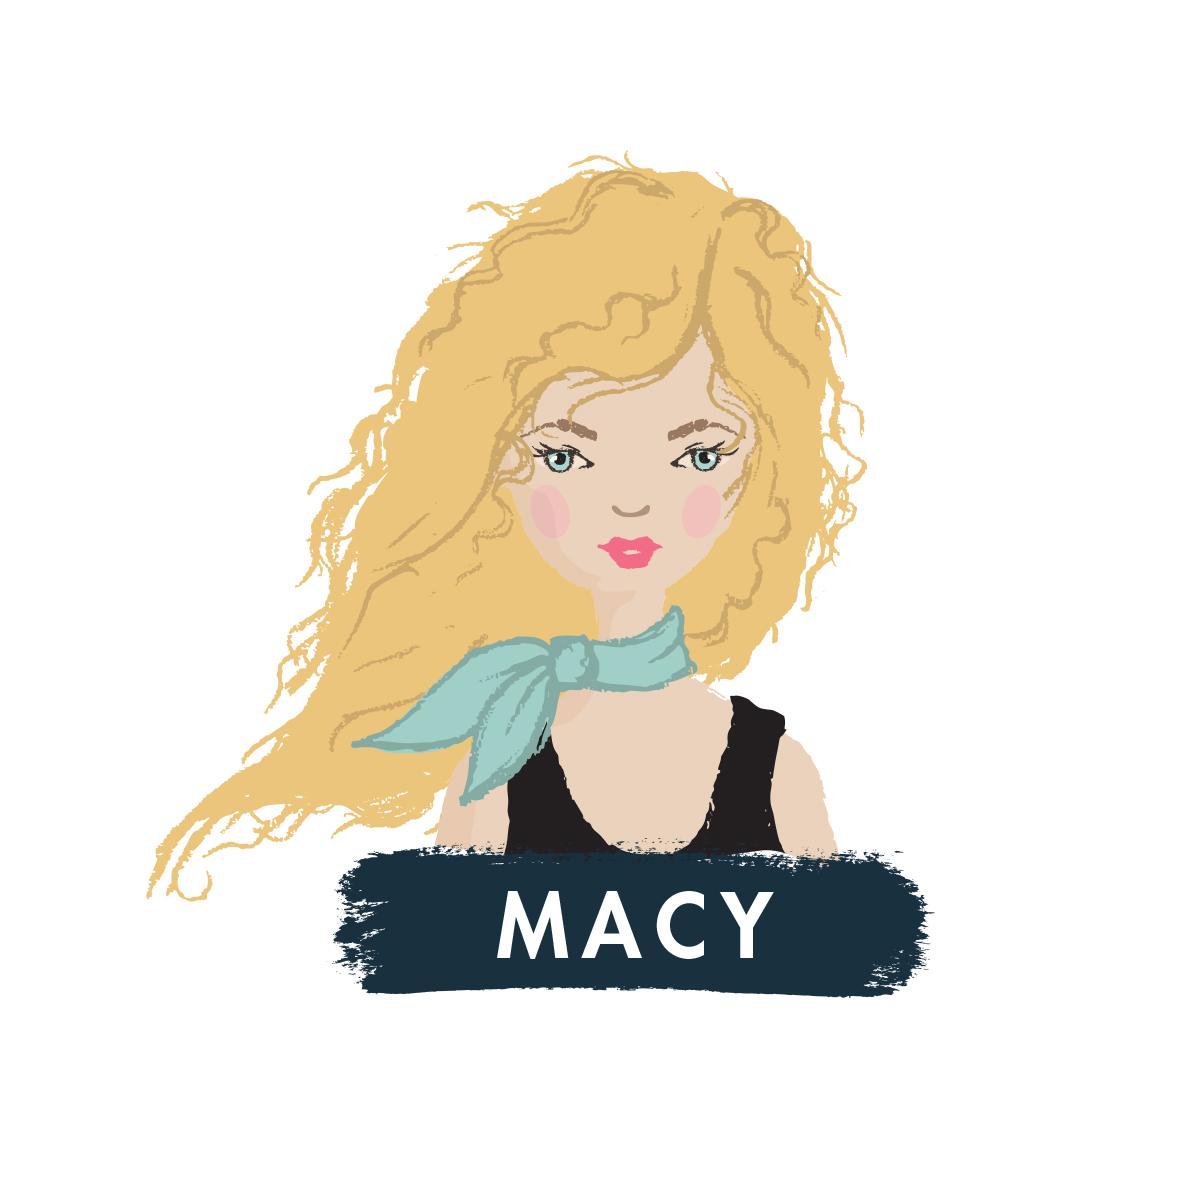 Macy.jpg